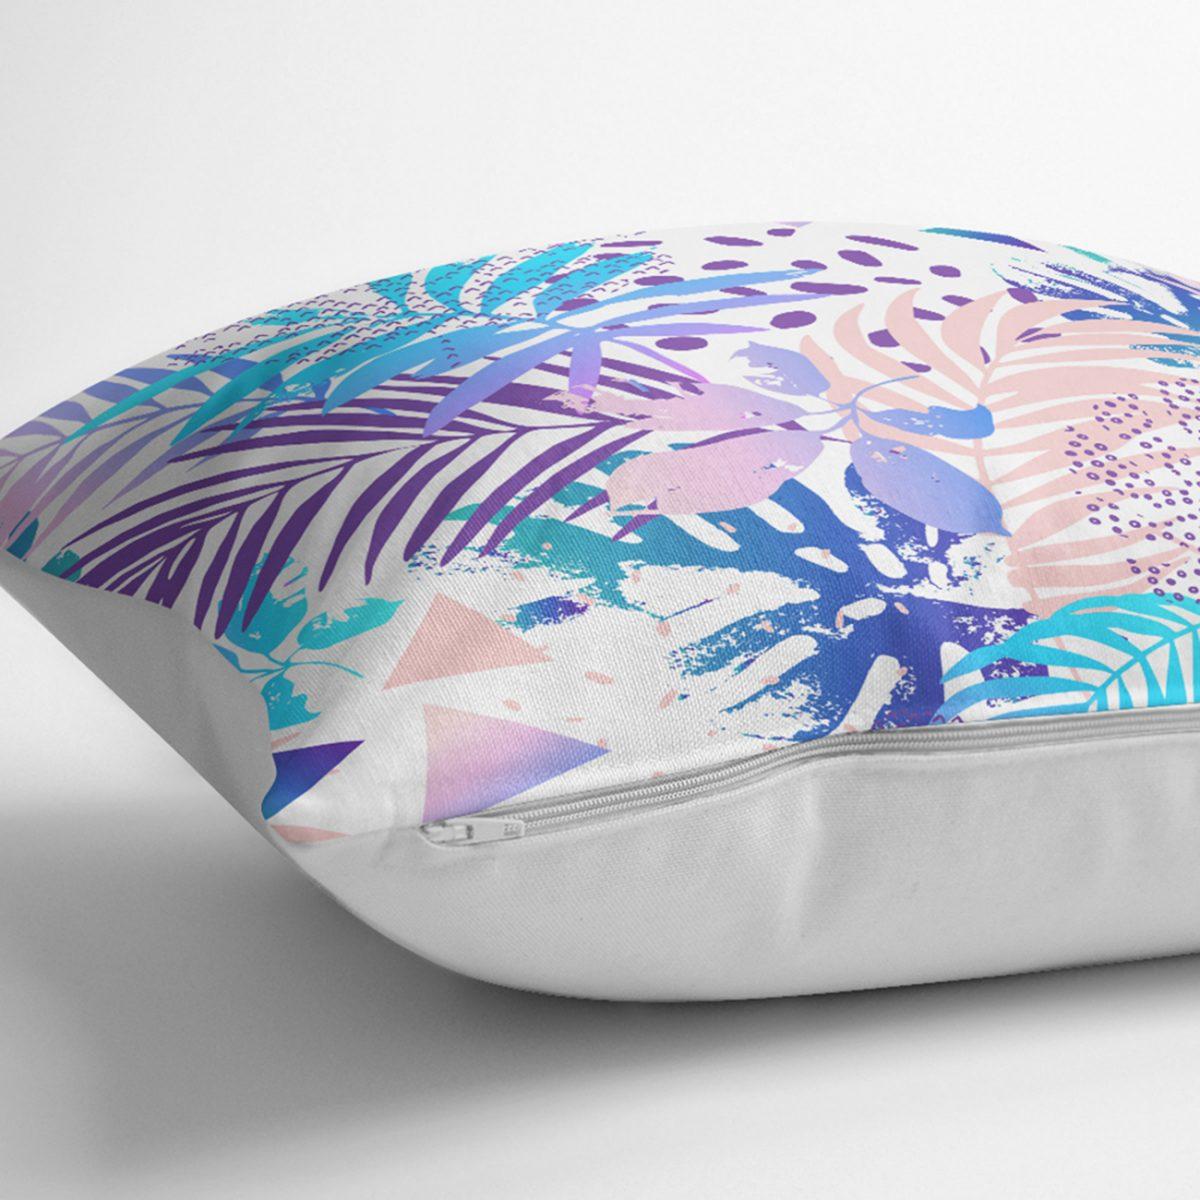 Beyaz Zemind Renkli Ananas Yaprakları Desenli Dijital Baskılı Modern Kırlent Kılıfı Realhomes